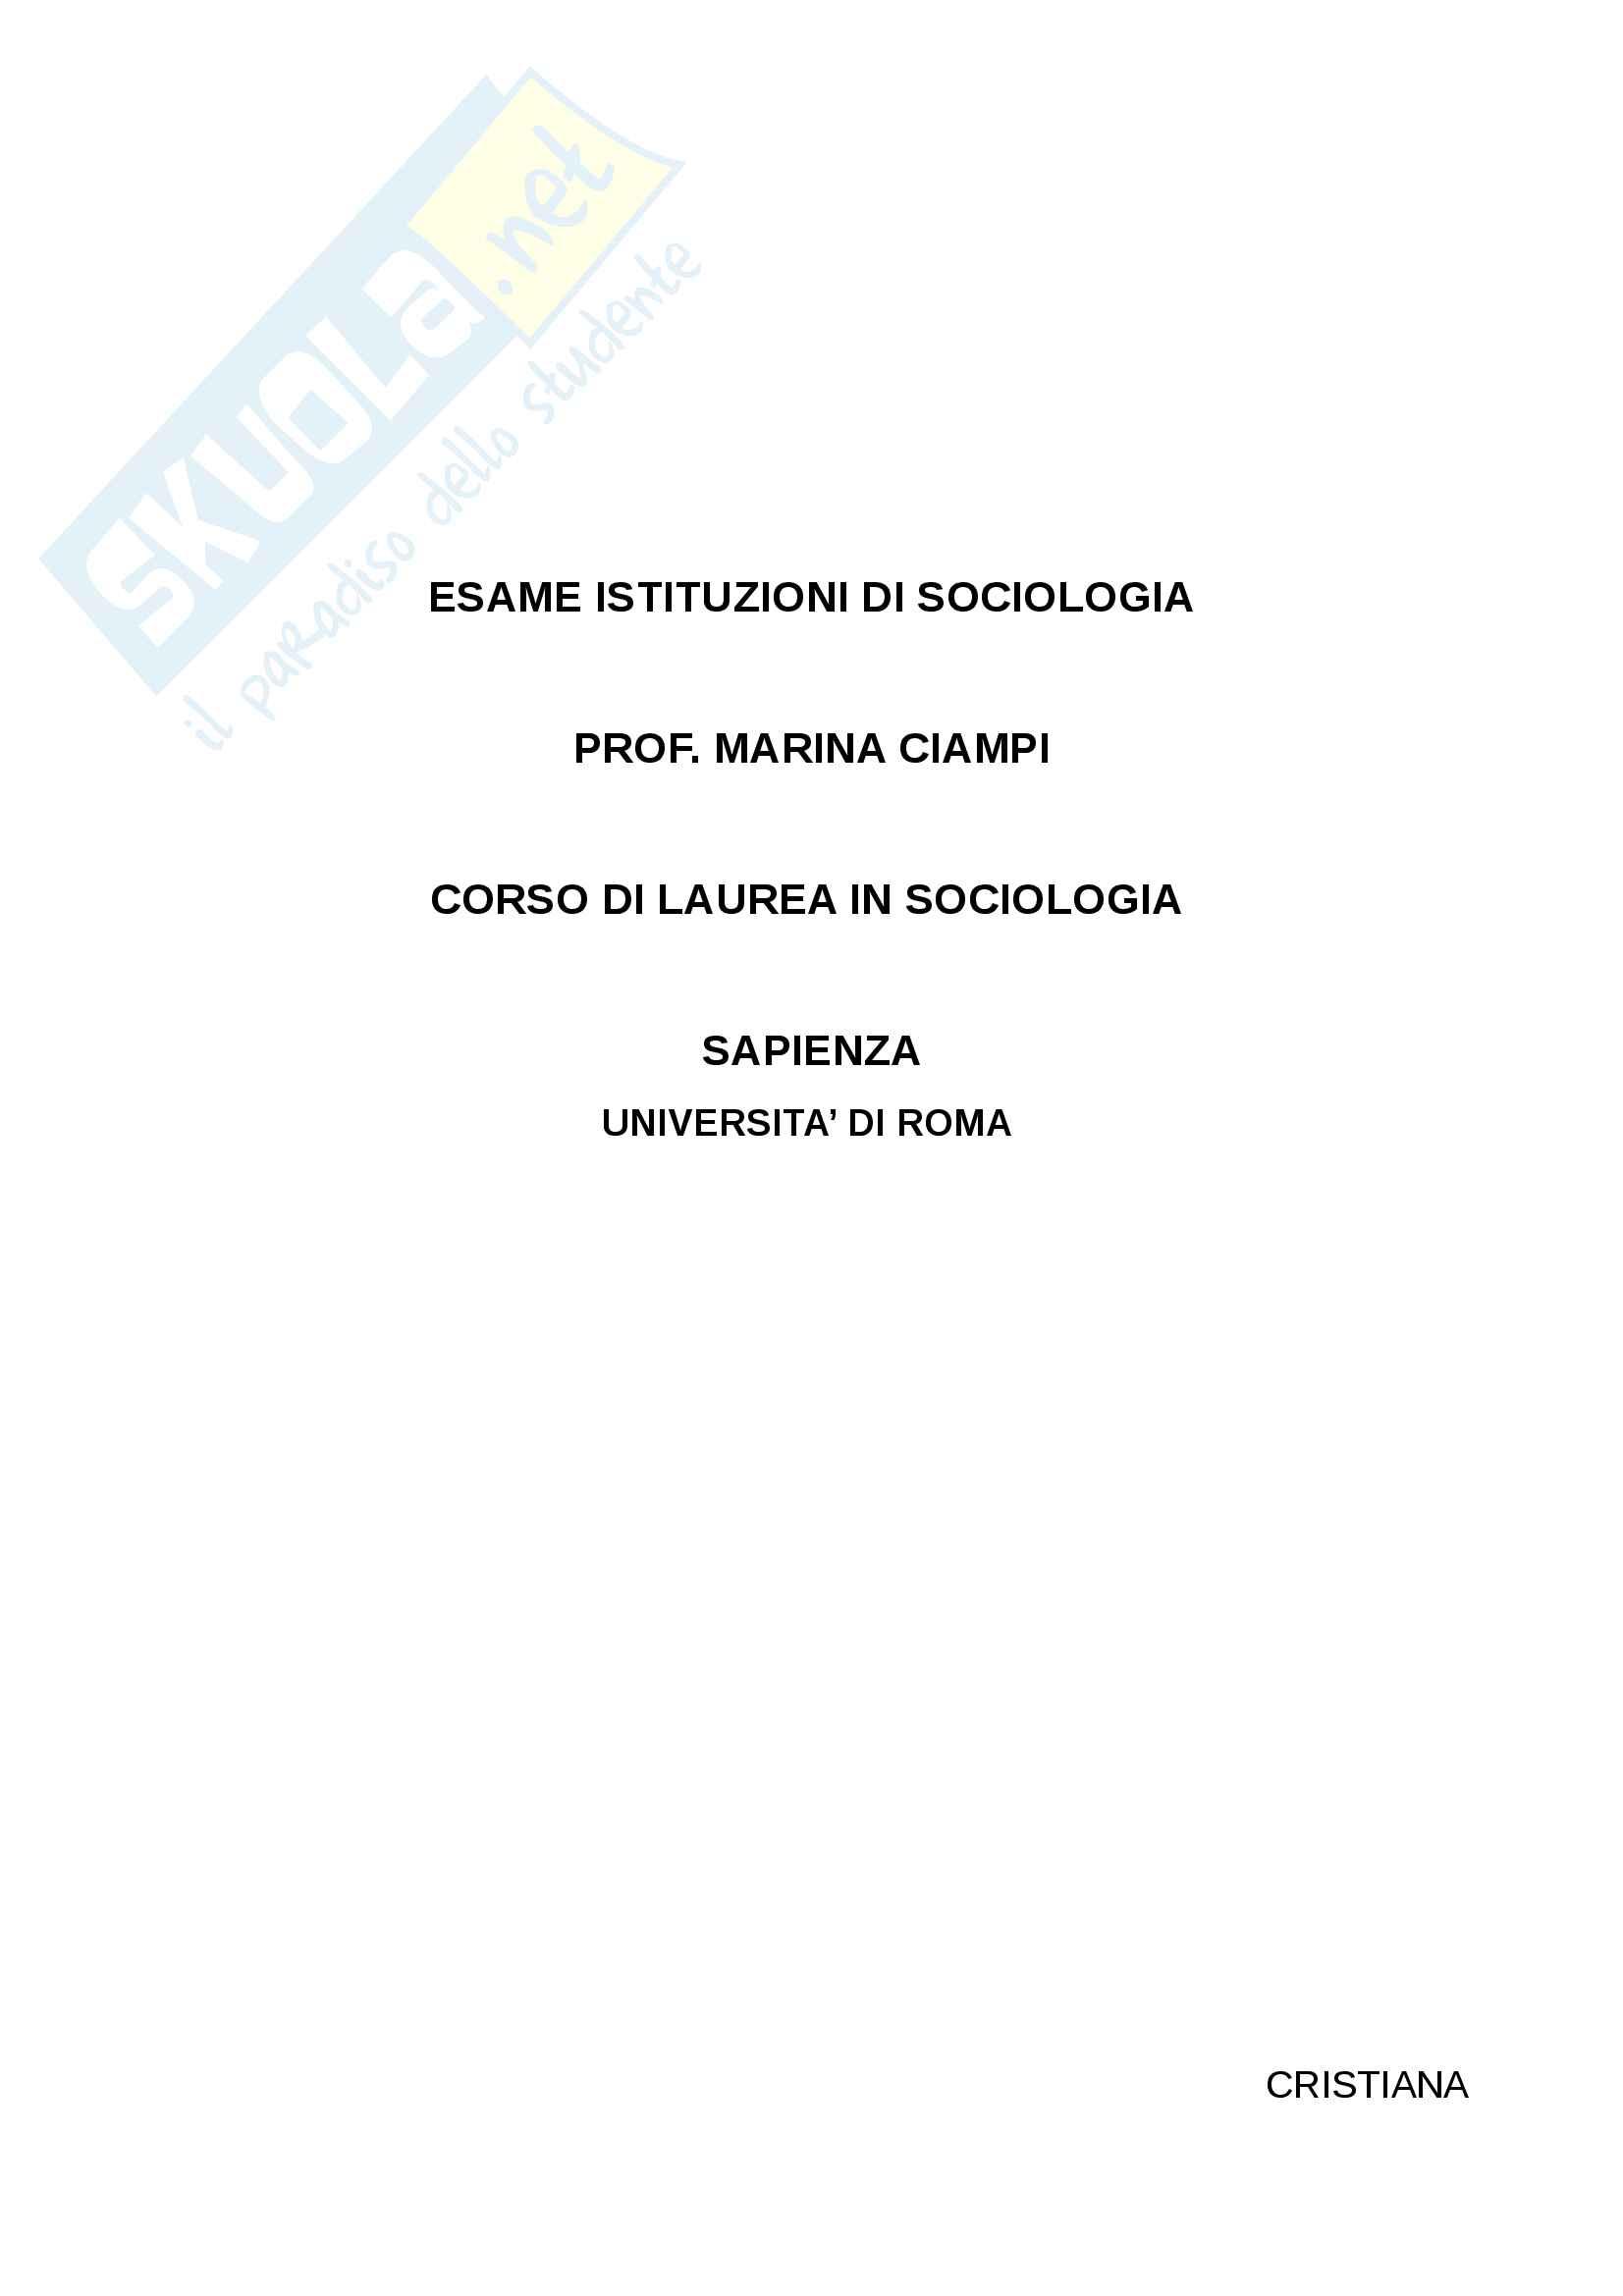 Esame Istituzioni di sociologia prof. Ciampi Pag. 1